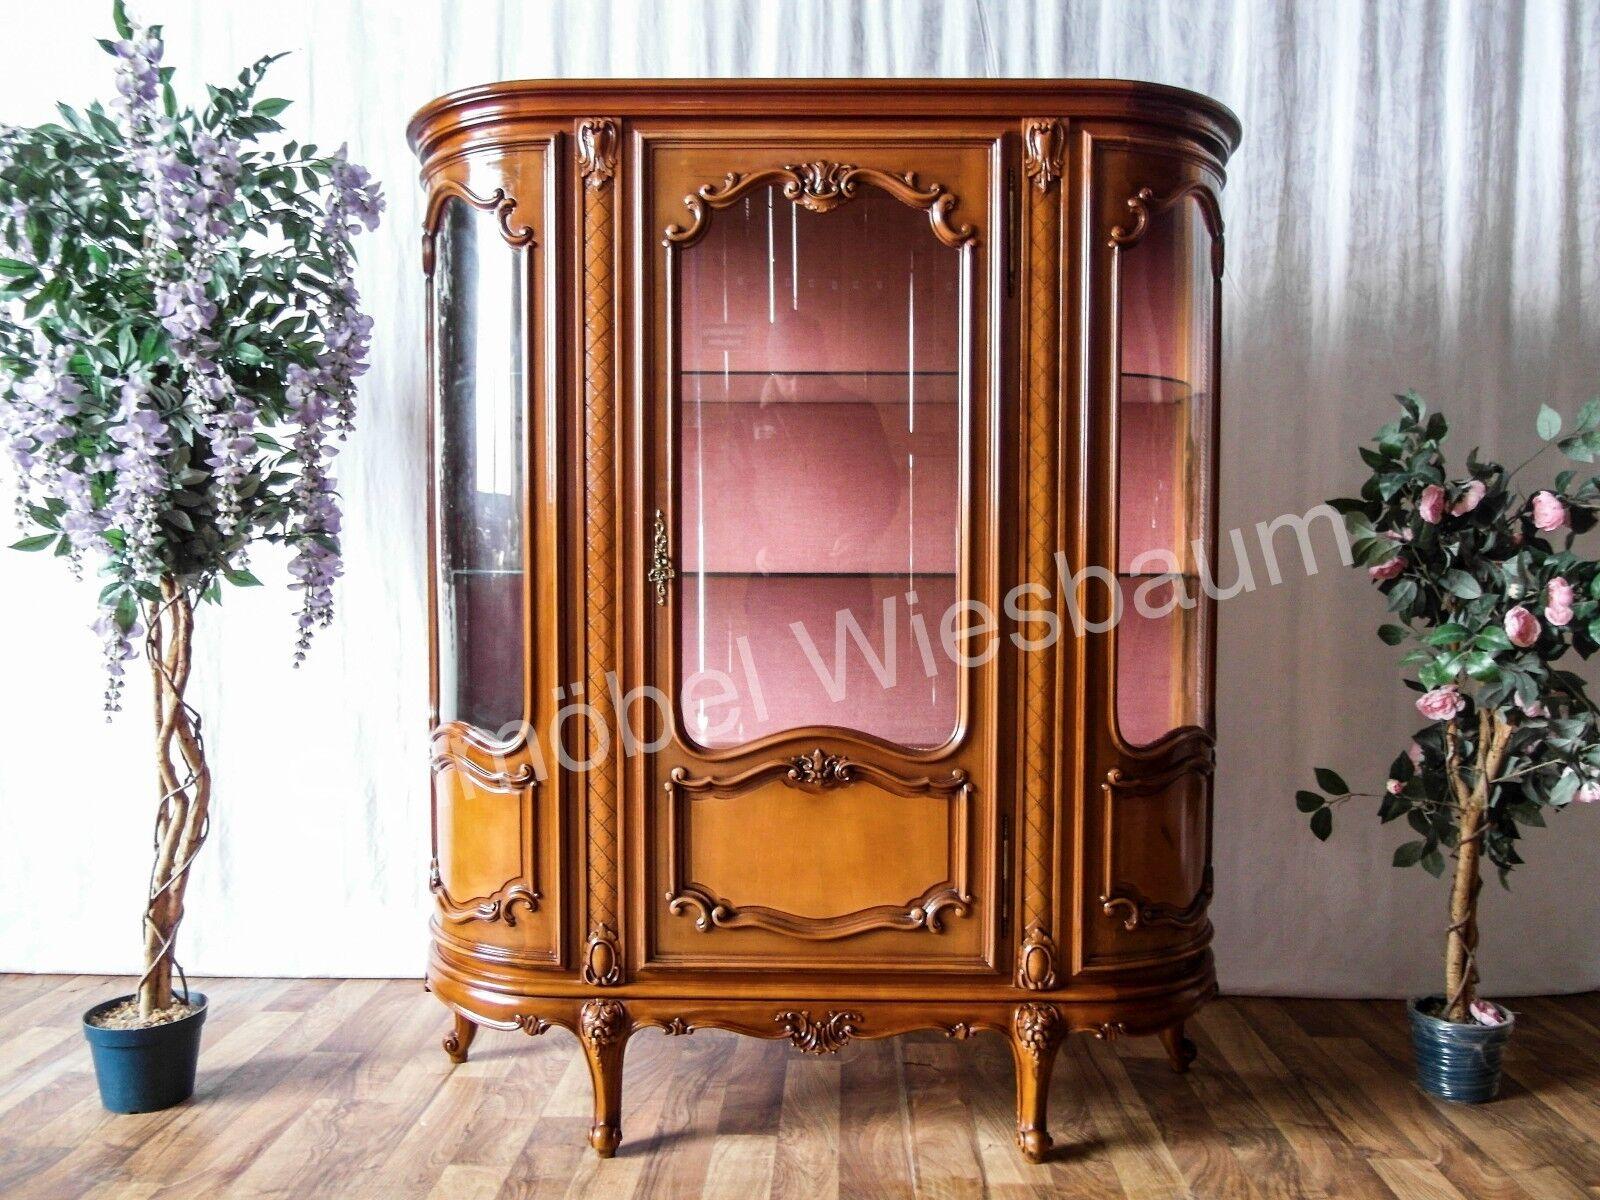 franz sische vitrine schrank aus kirschbaum holz. Black Bedroom Furniture Sets. Home Design Ideas